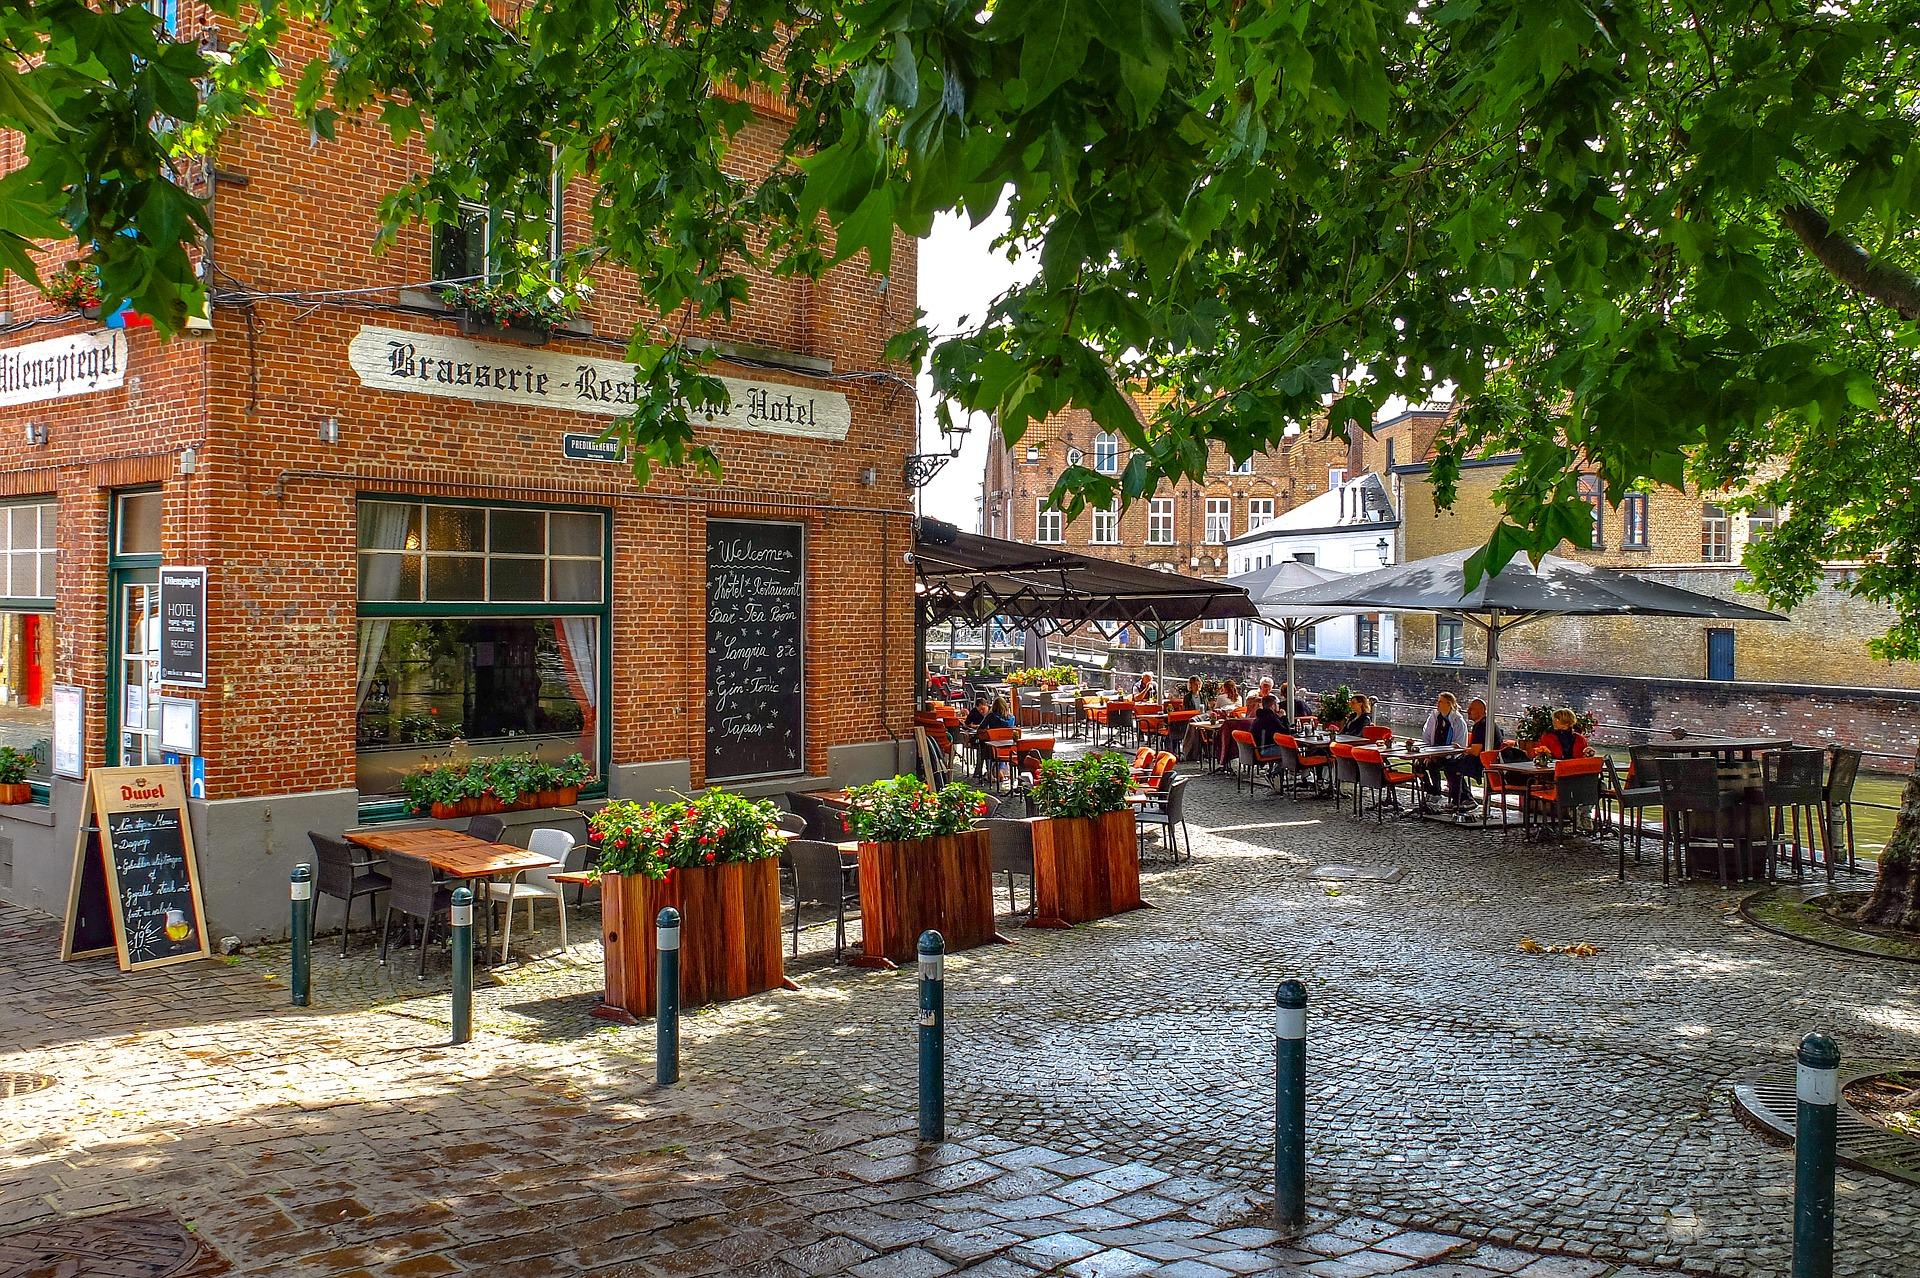 Gezellig dorpsplein met cafe